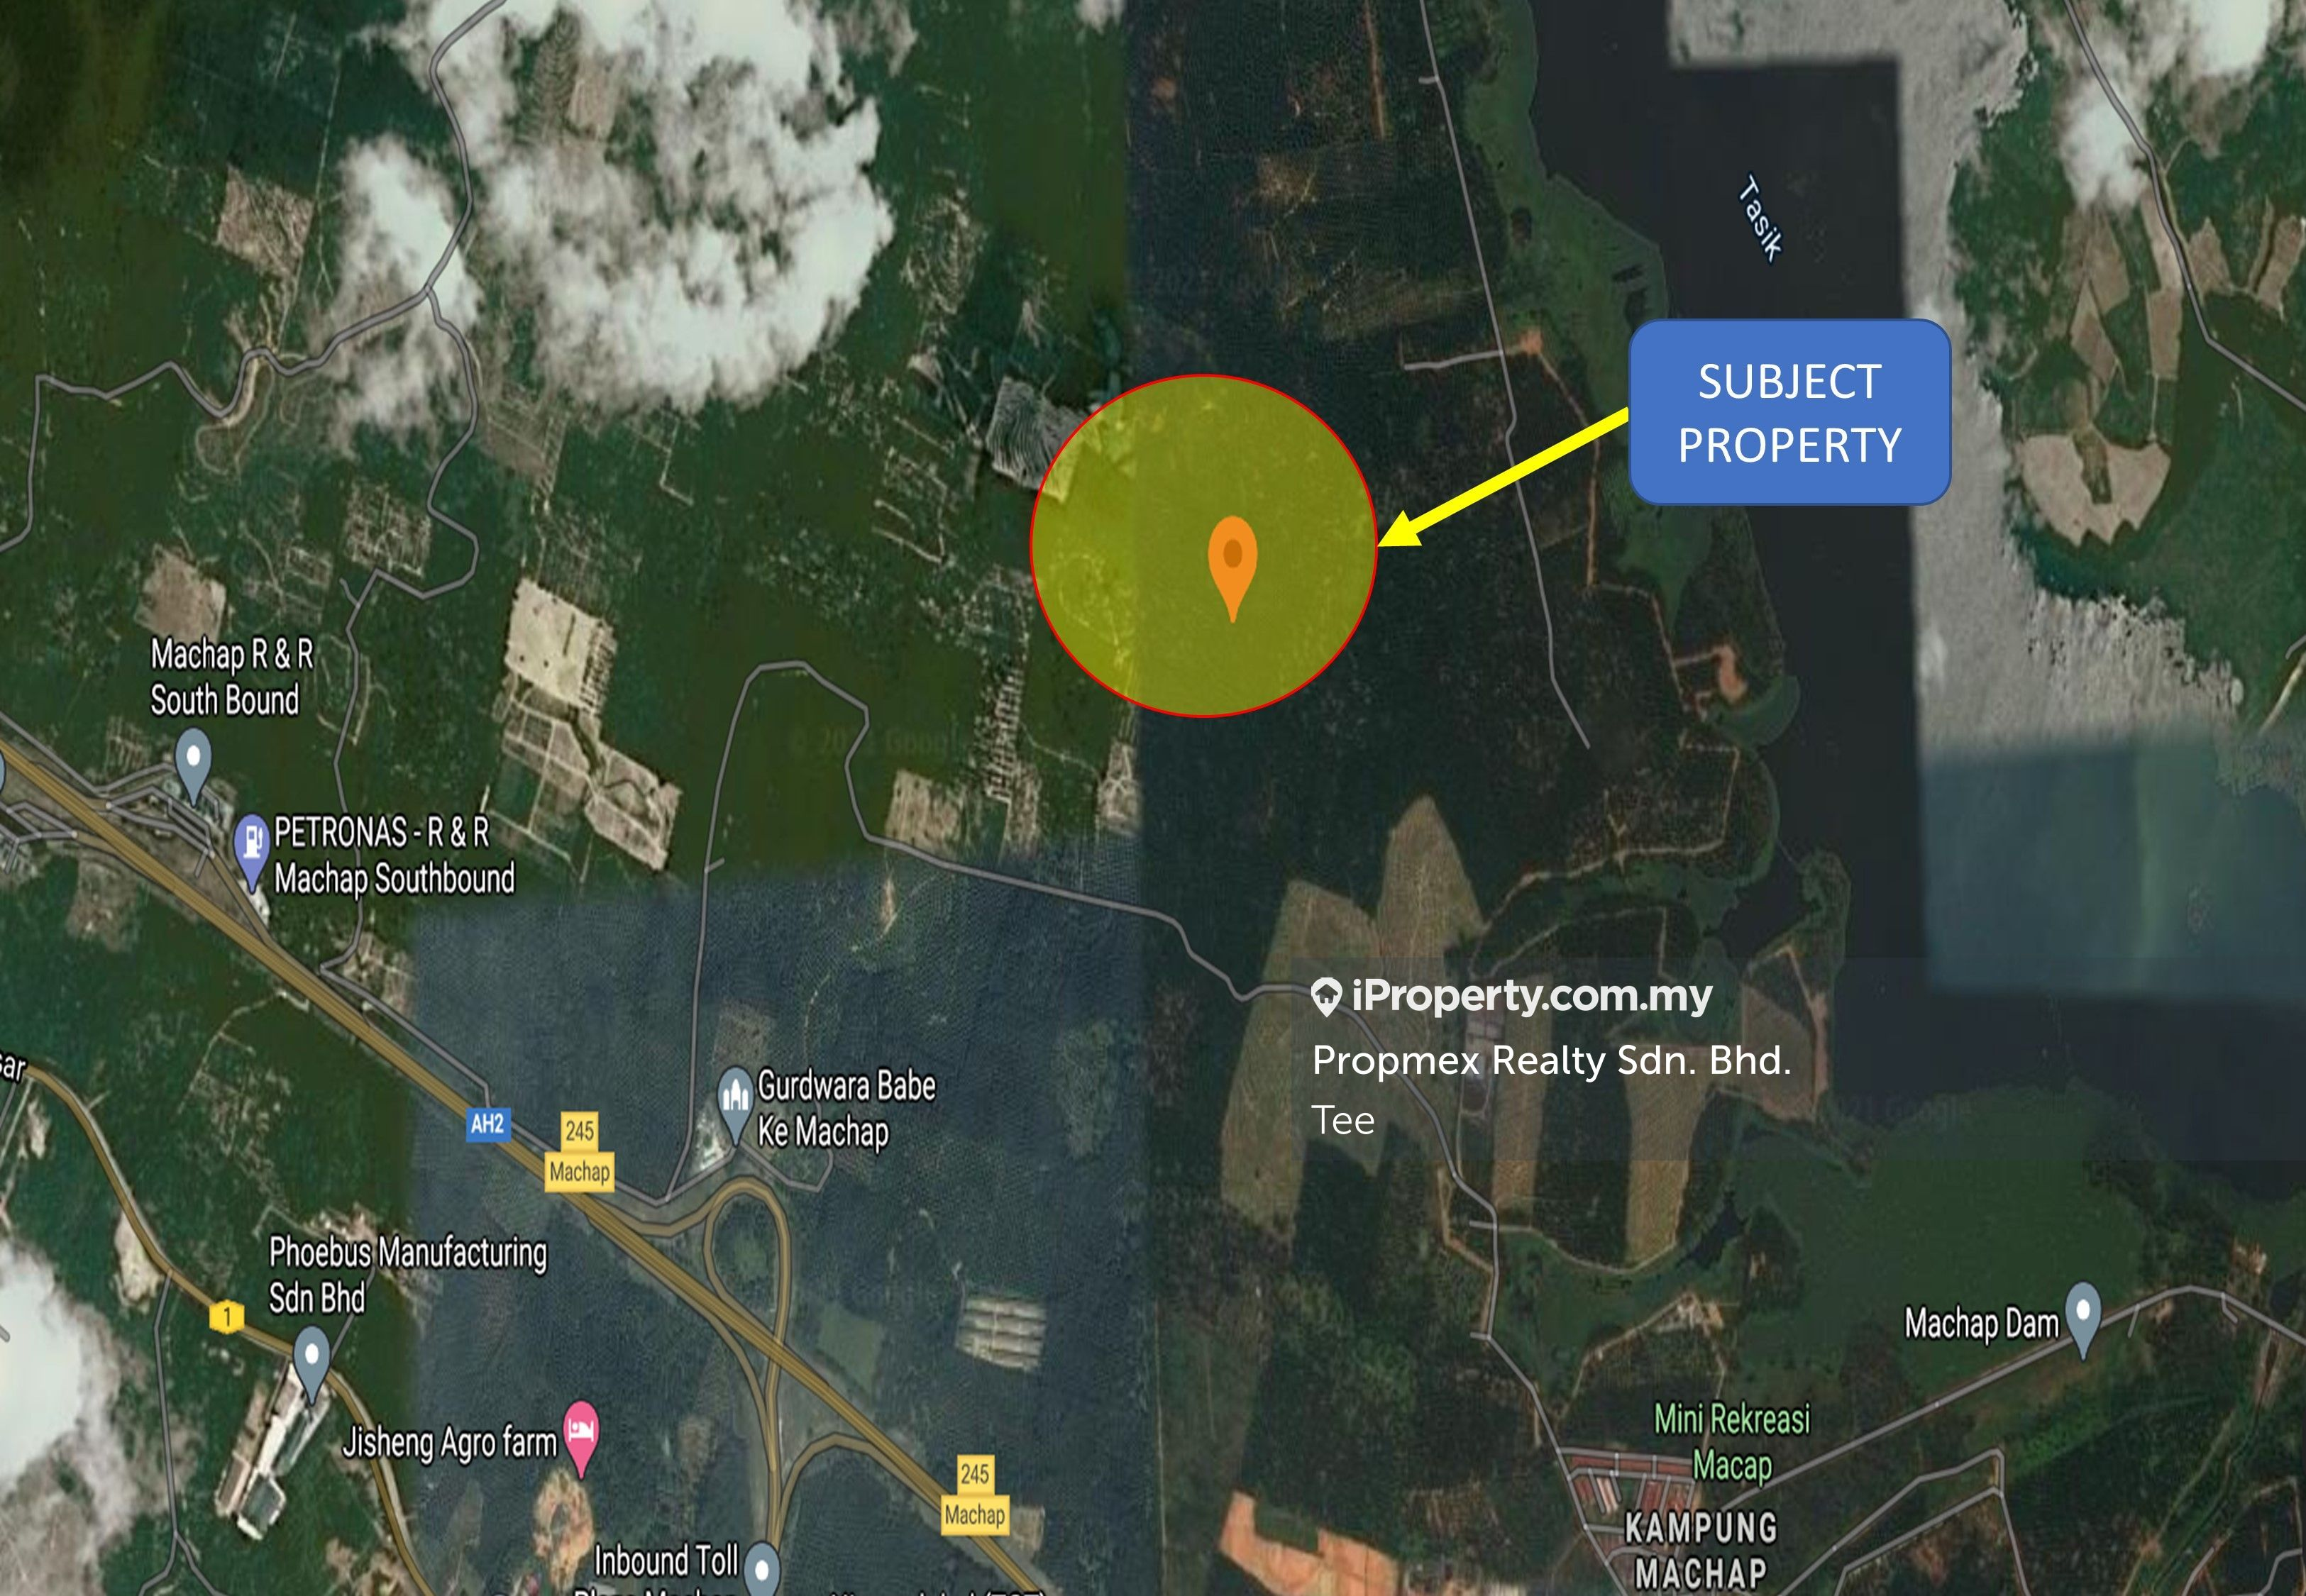 Simpang Renggam Flat Land suitable for Plantation or Durian Ayer Hitam Johor, Simpang Renggam Flat Land suitable for Plantation, Ayer Hitam